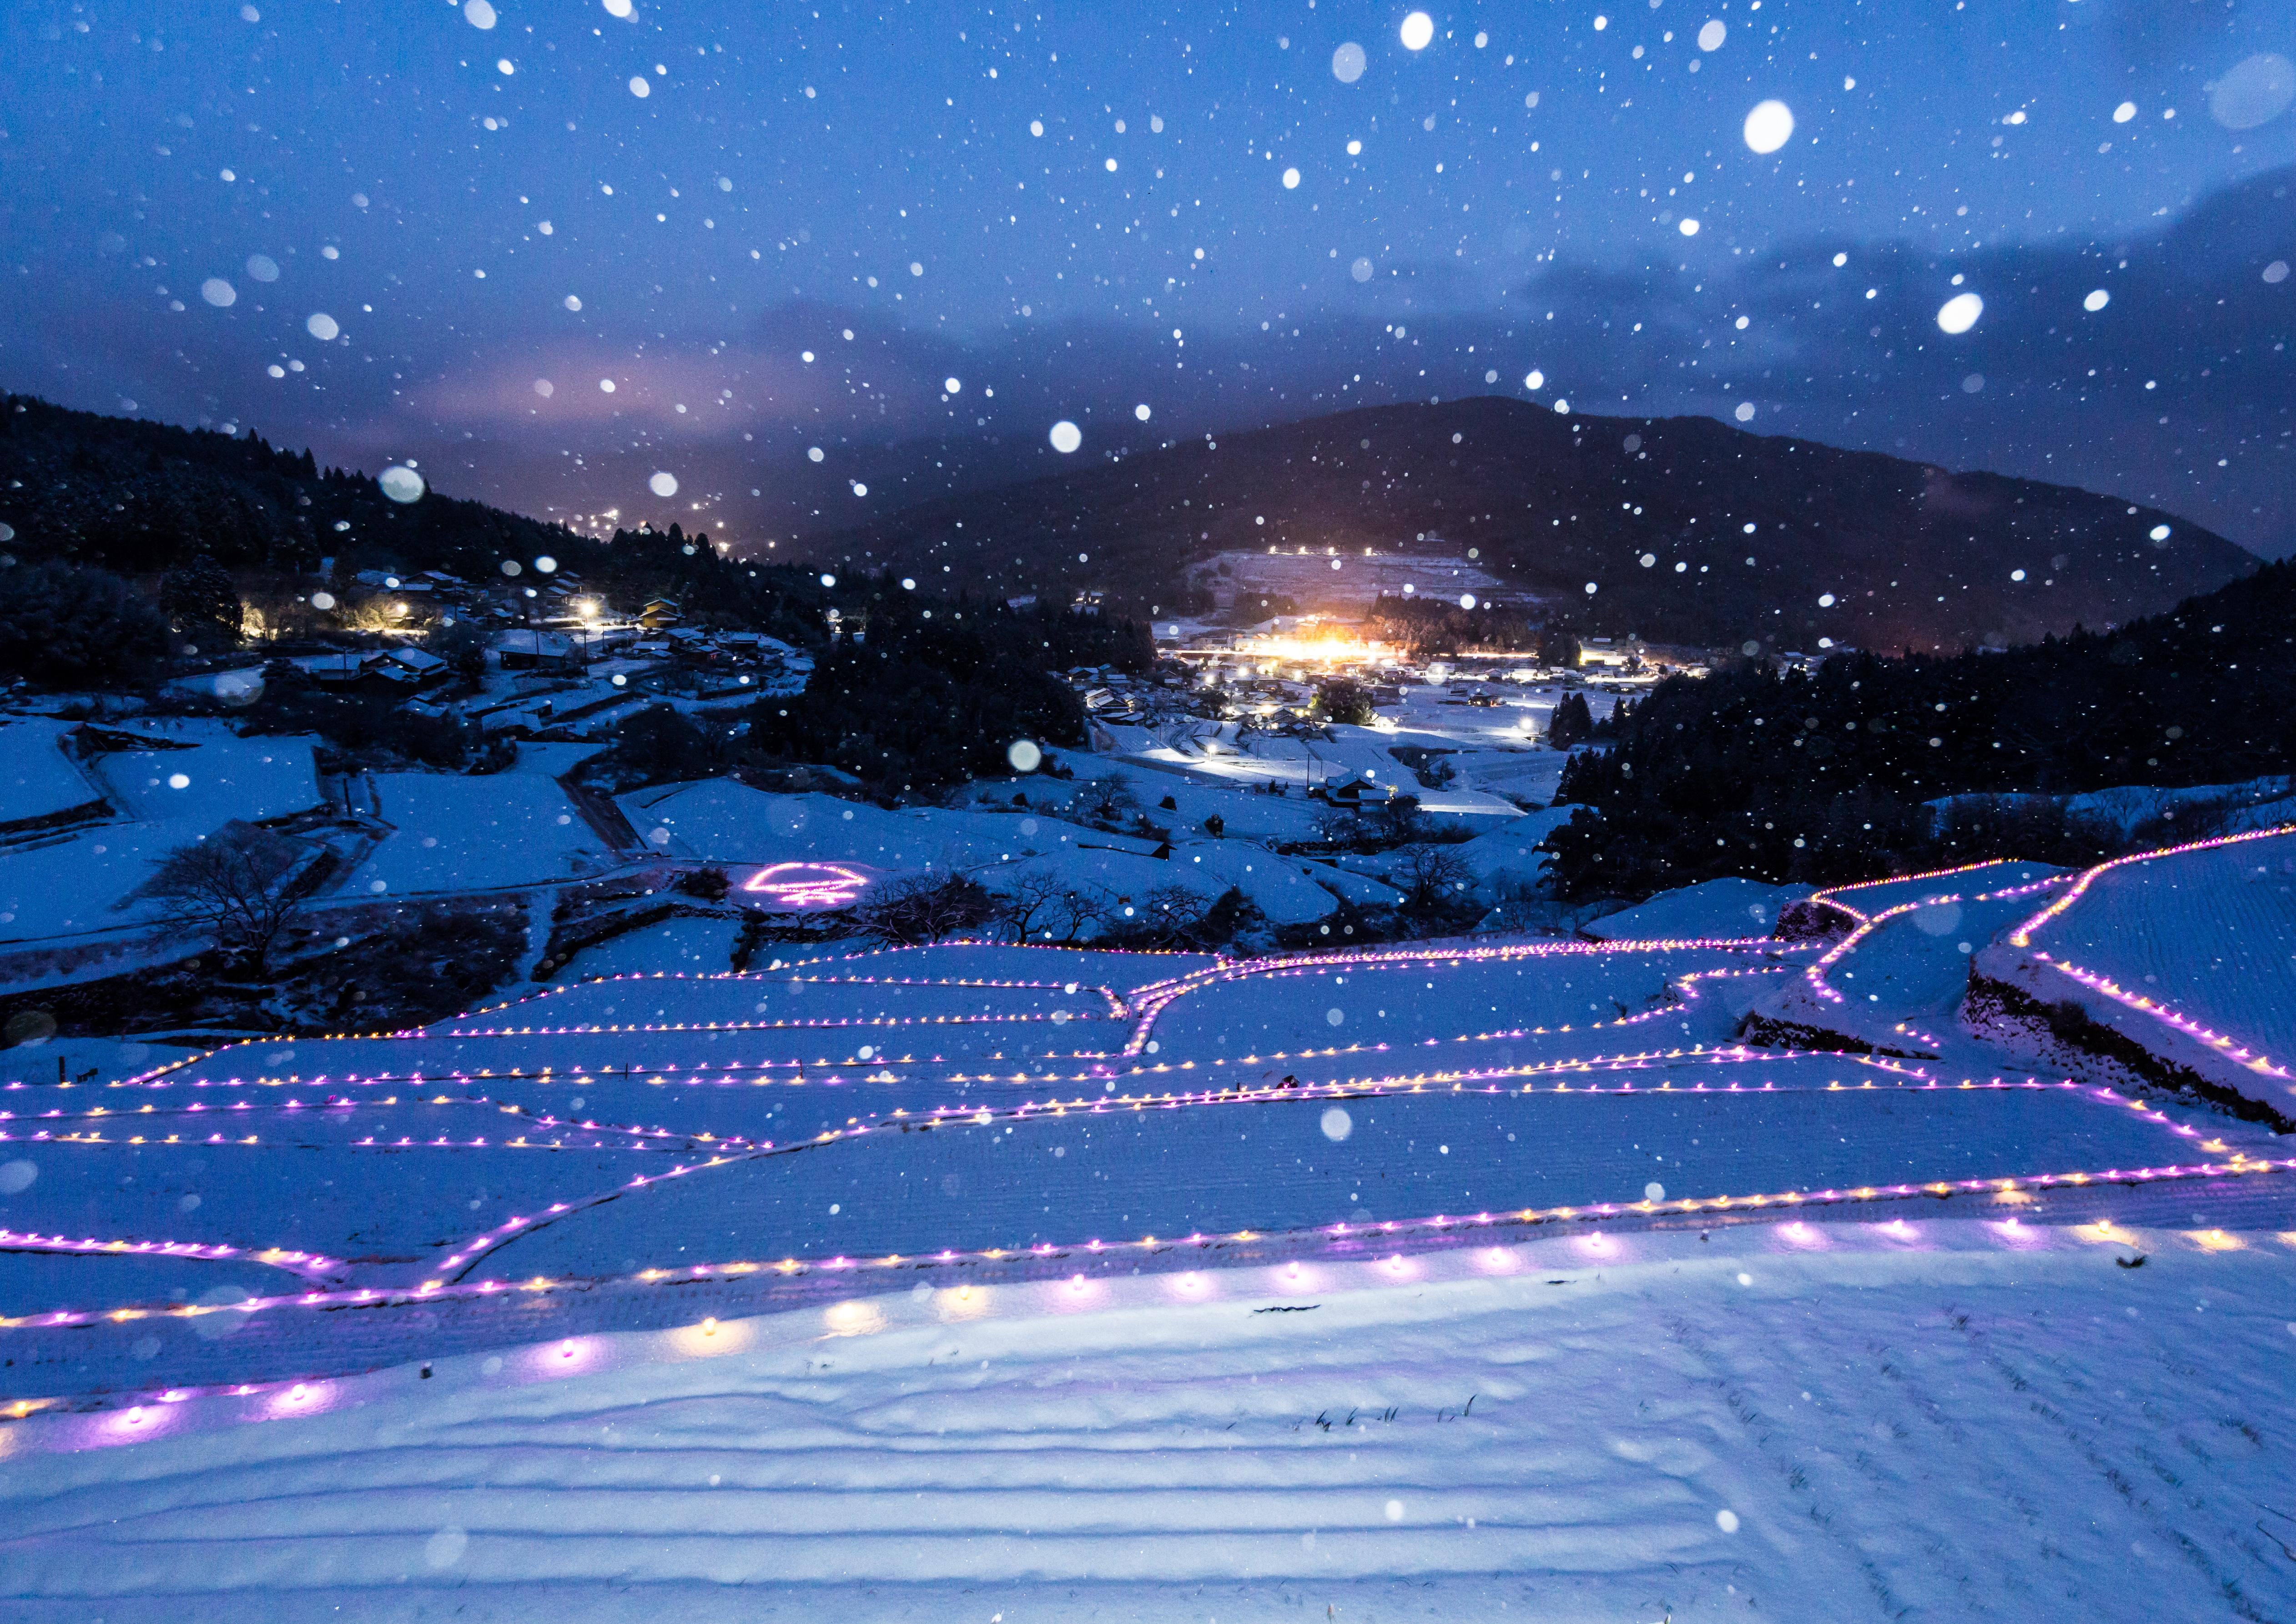 ライトアップされた雪景色